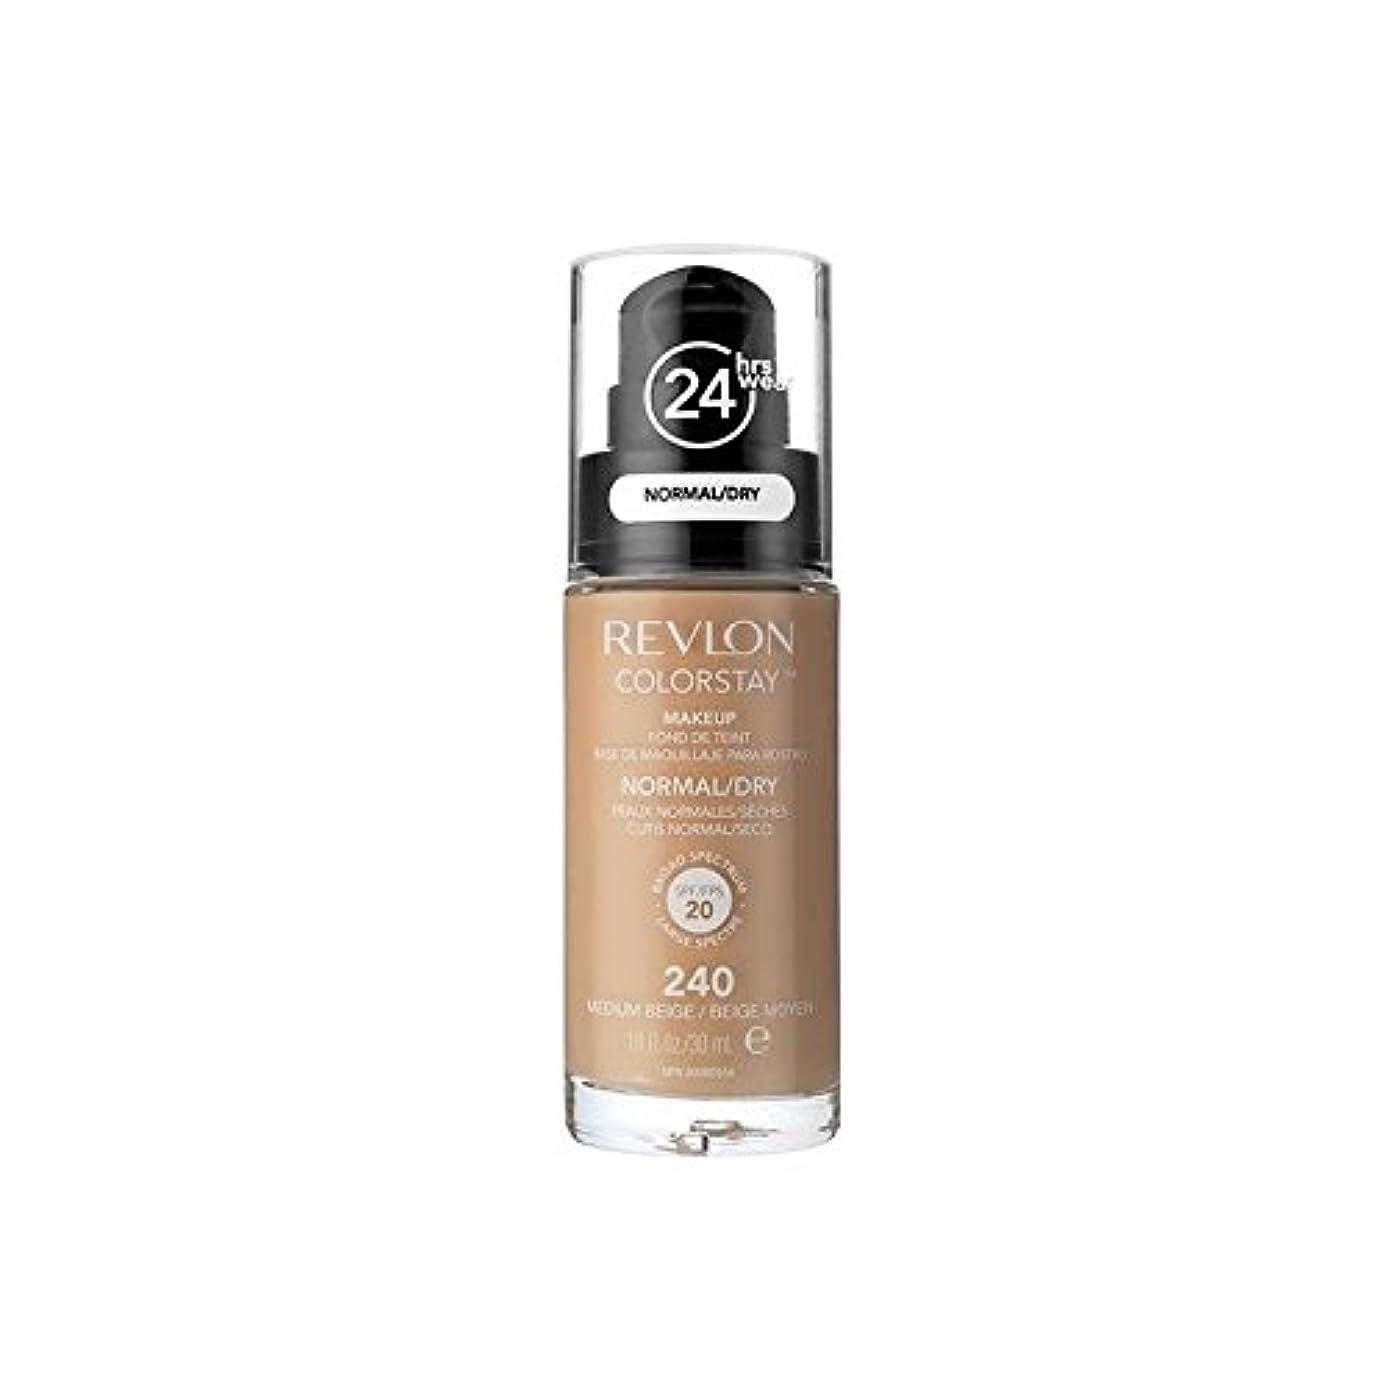 後ろに紀元前ケイ素Revlon Colorstay Foundation Normal Dry Skin Medium Beige (Pack of 6) - レブロンの基礎通常の乾燥肌メディアベージュ x6 [並行輸入品]